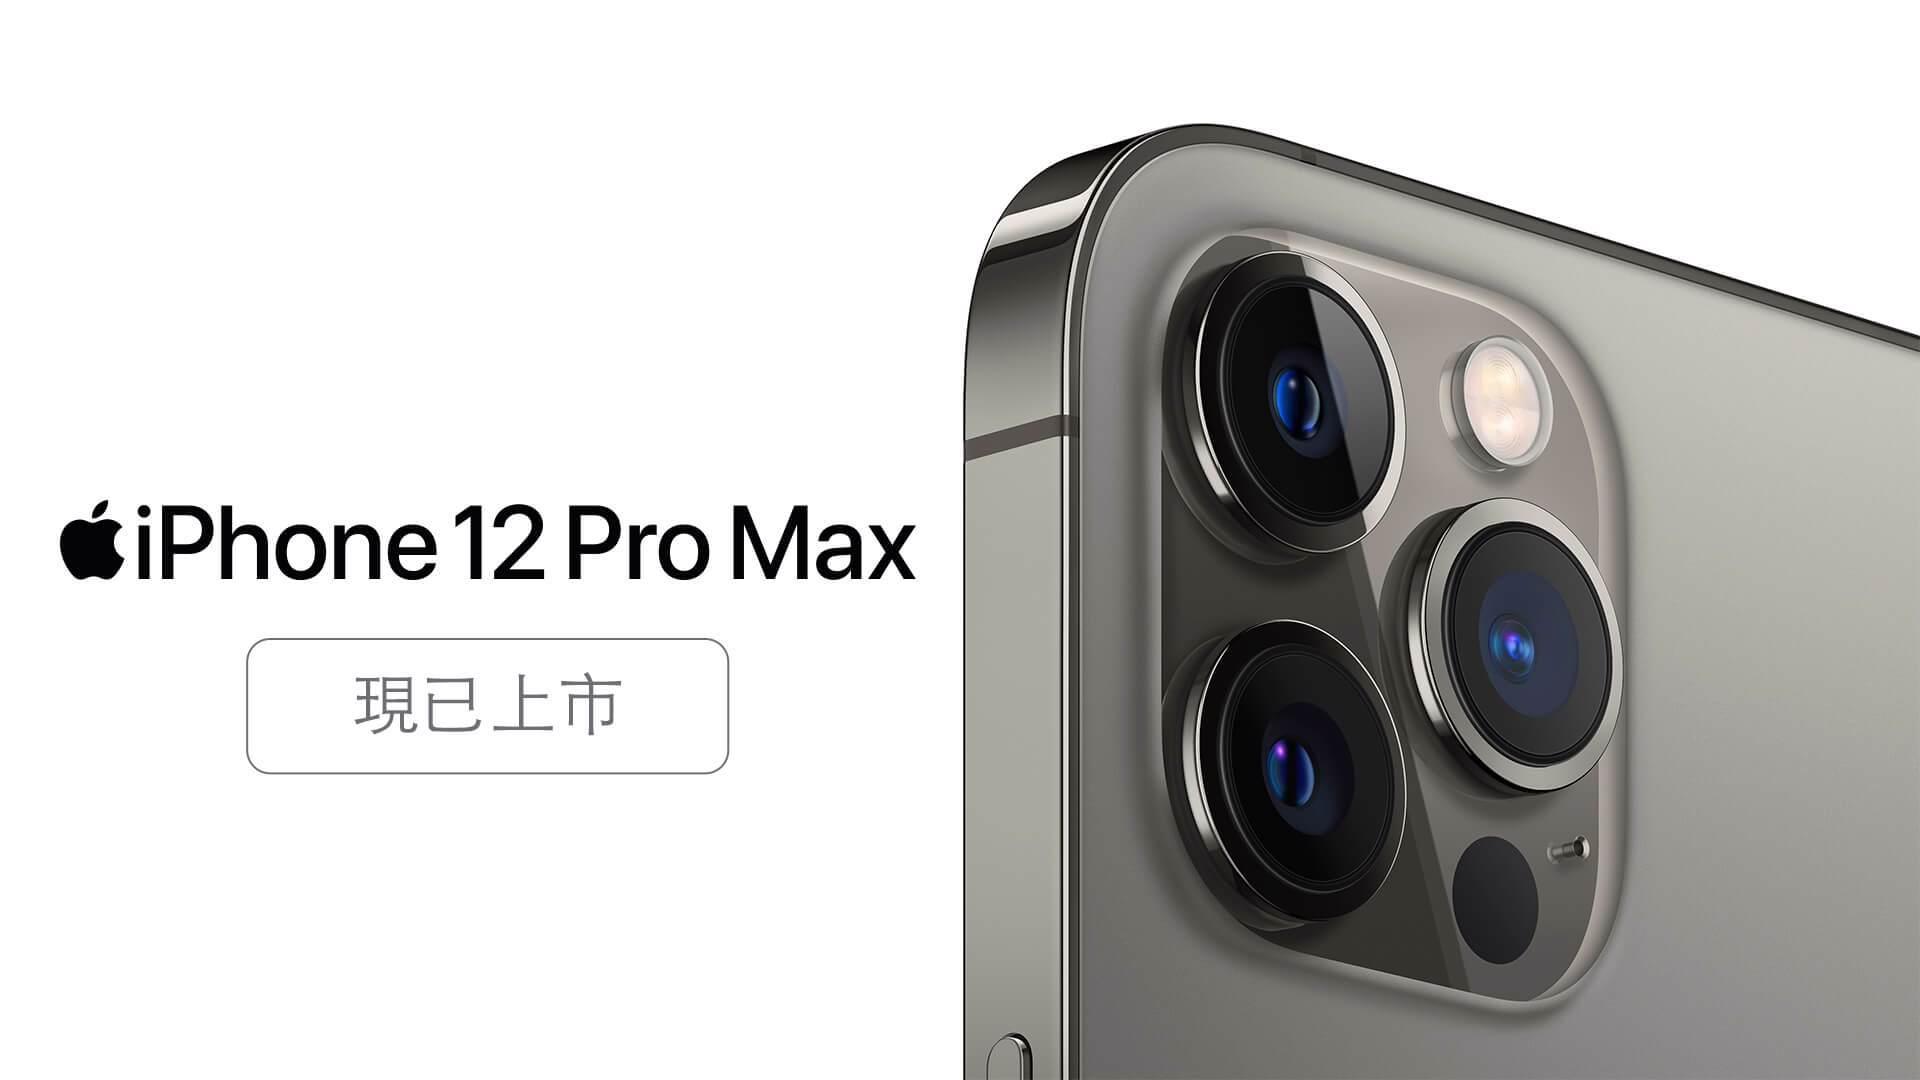 iPhone 12 Pro Max 現已上市